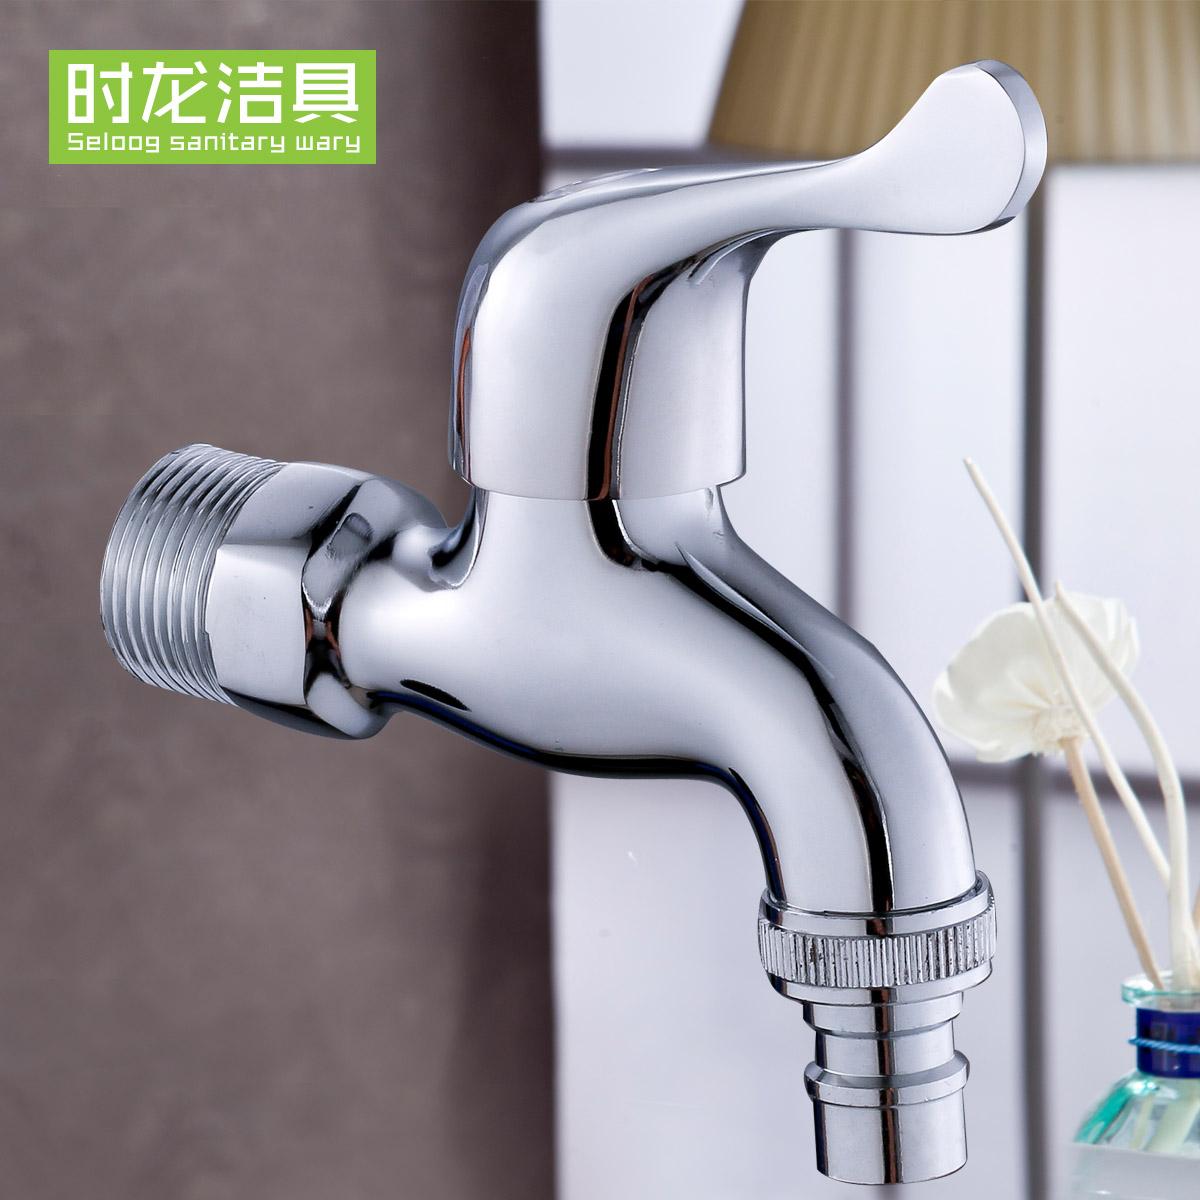 时龙 黄铜铸造6分进水洗衣机水龙头 尖嘴洗衣机水龙头卡扣通用